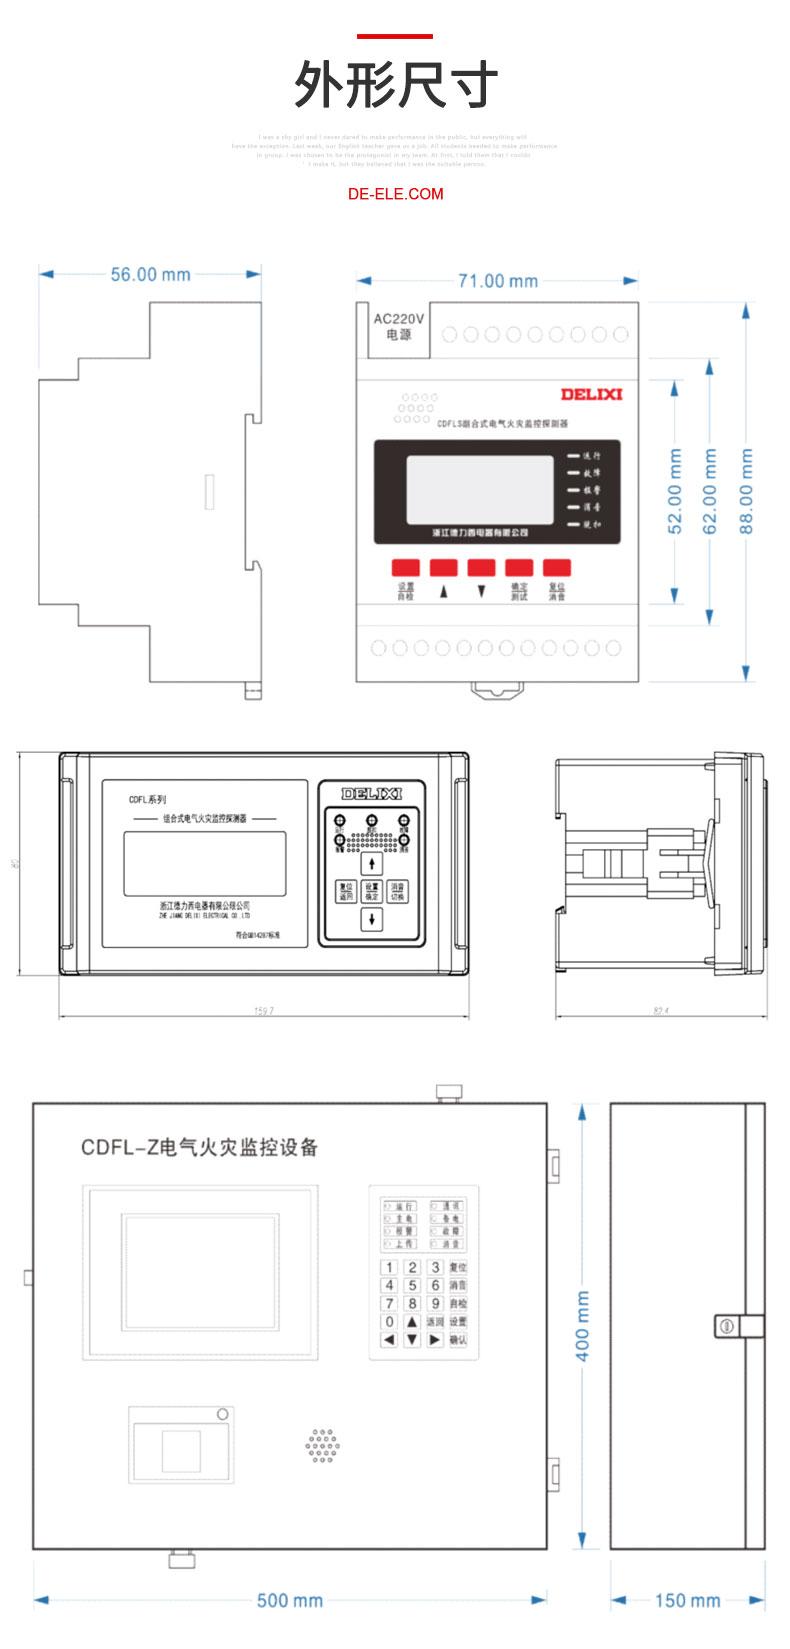 德力西CDFL-Z电气火灾监控主机产品外形尺寸